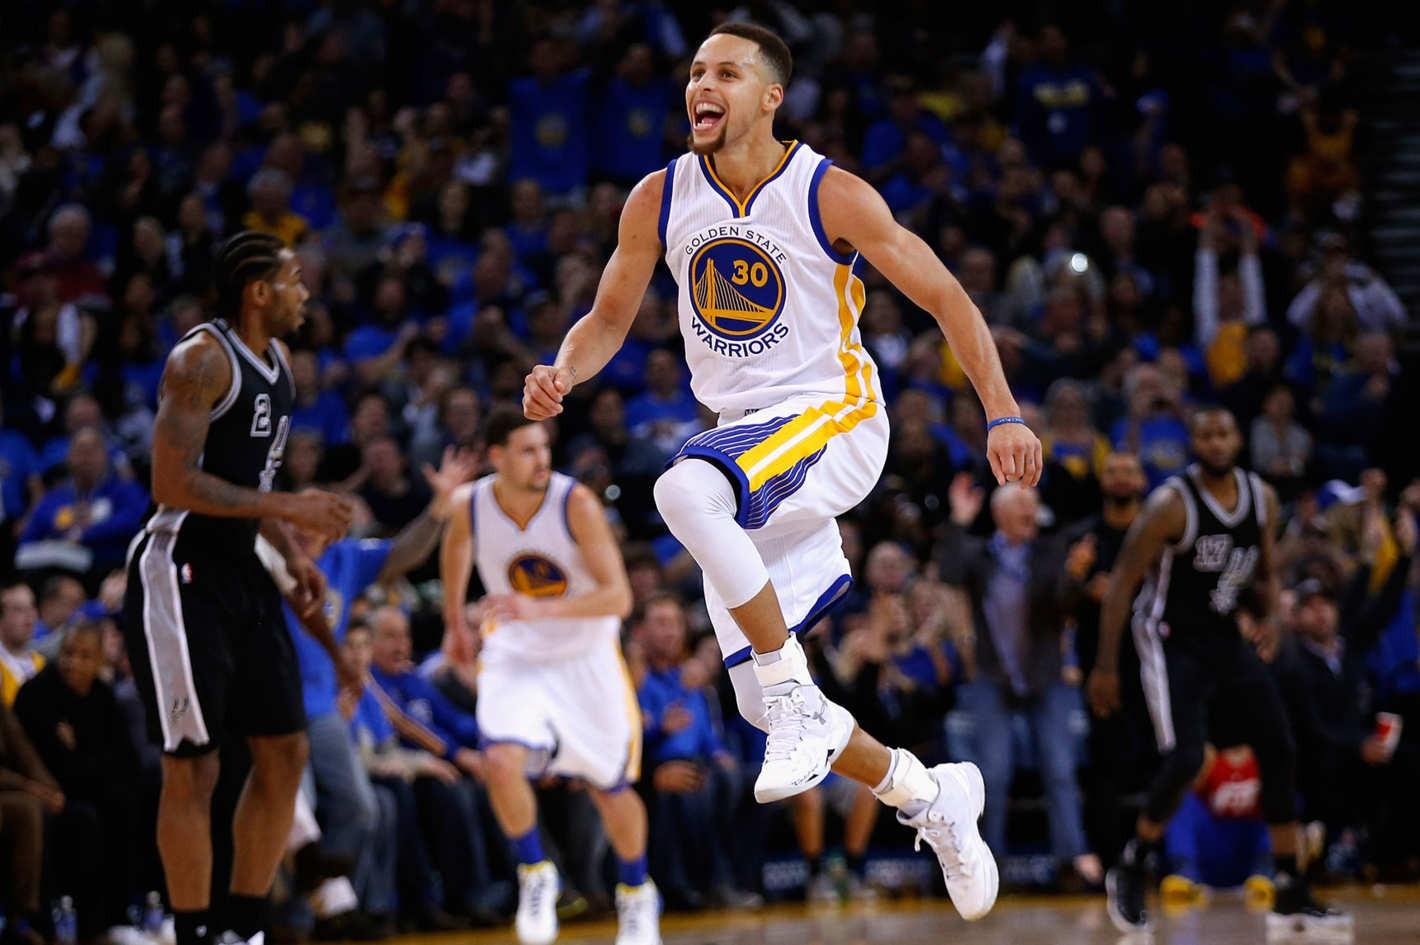 Những huyền thoại mà Stephen Curry sẽ vượt qua nếu tiếp tục hủy diệt NBA mùa tới - Ảnh 1.